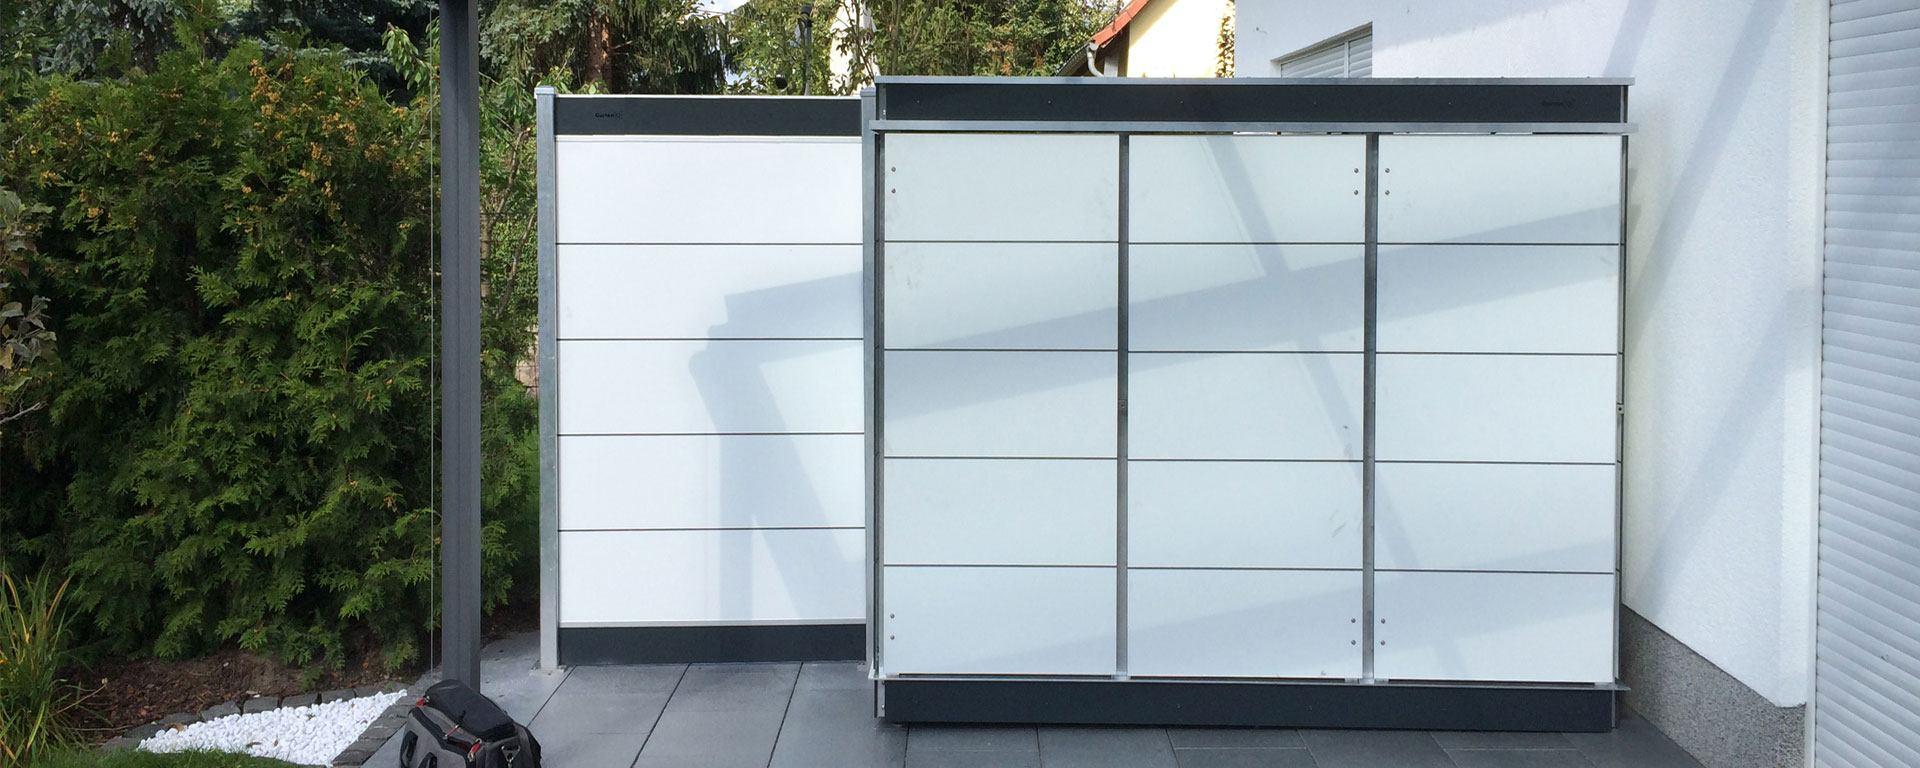 terrassensichtschutz sichtschutzwand aus verschiedenen. Black Bedroom Furniture Sets. Home Design Ideas